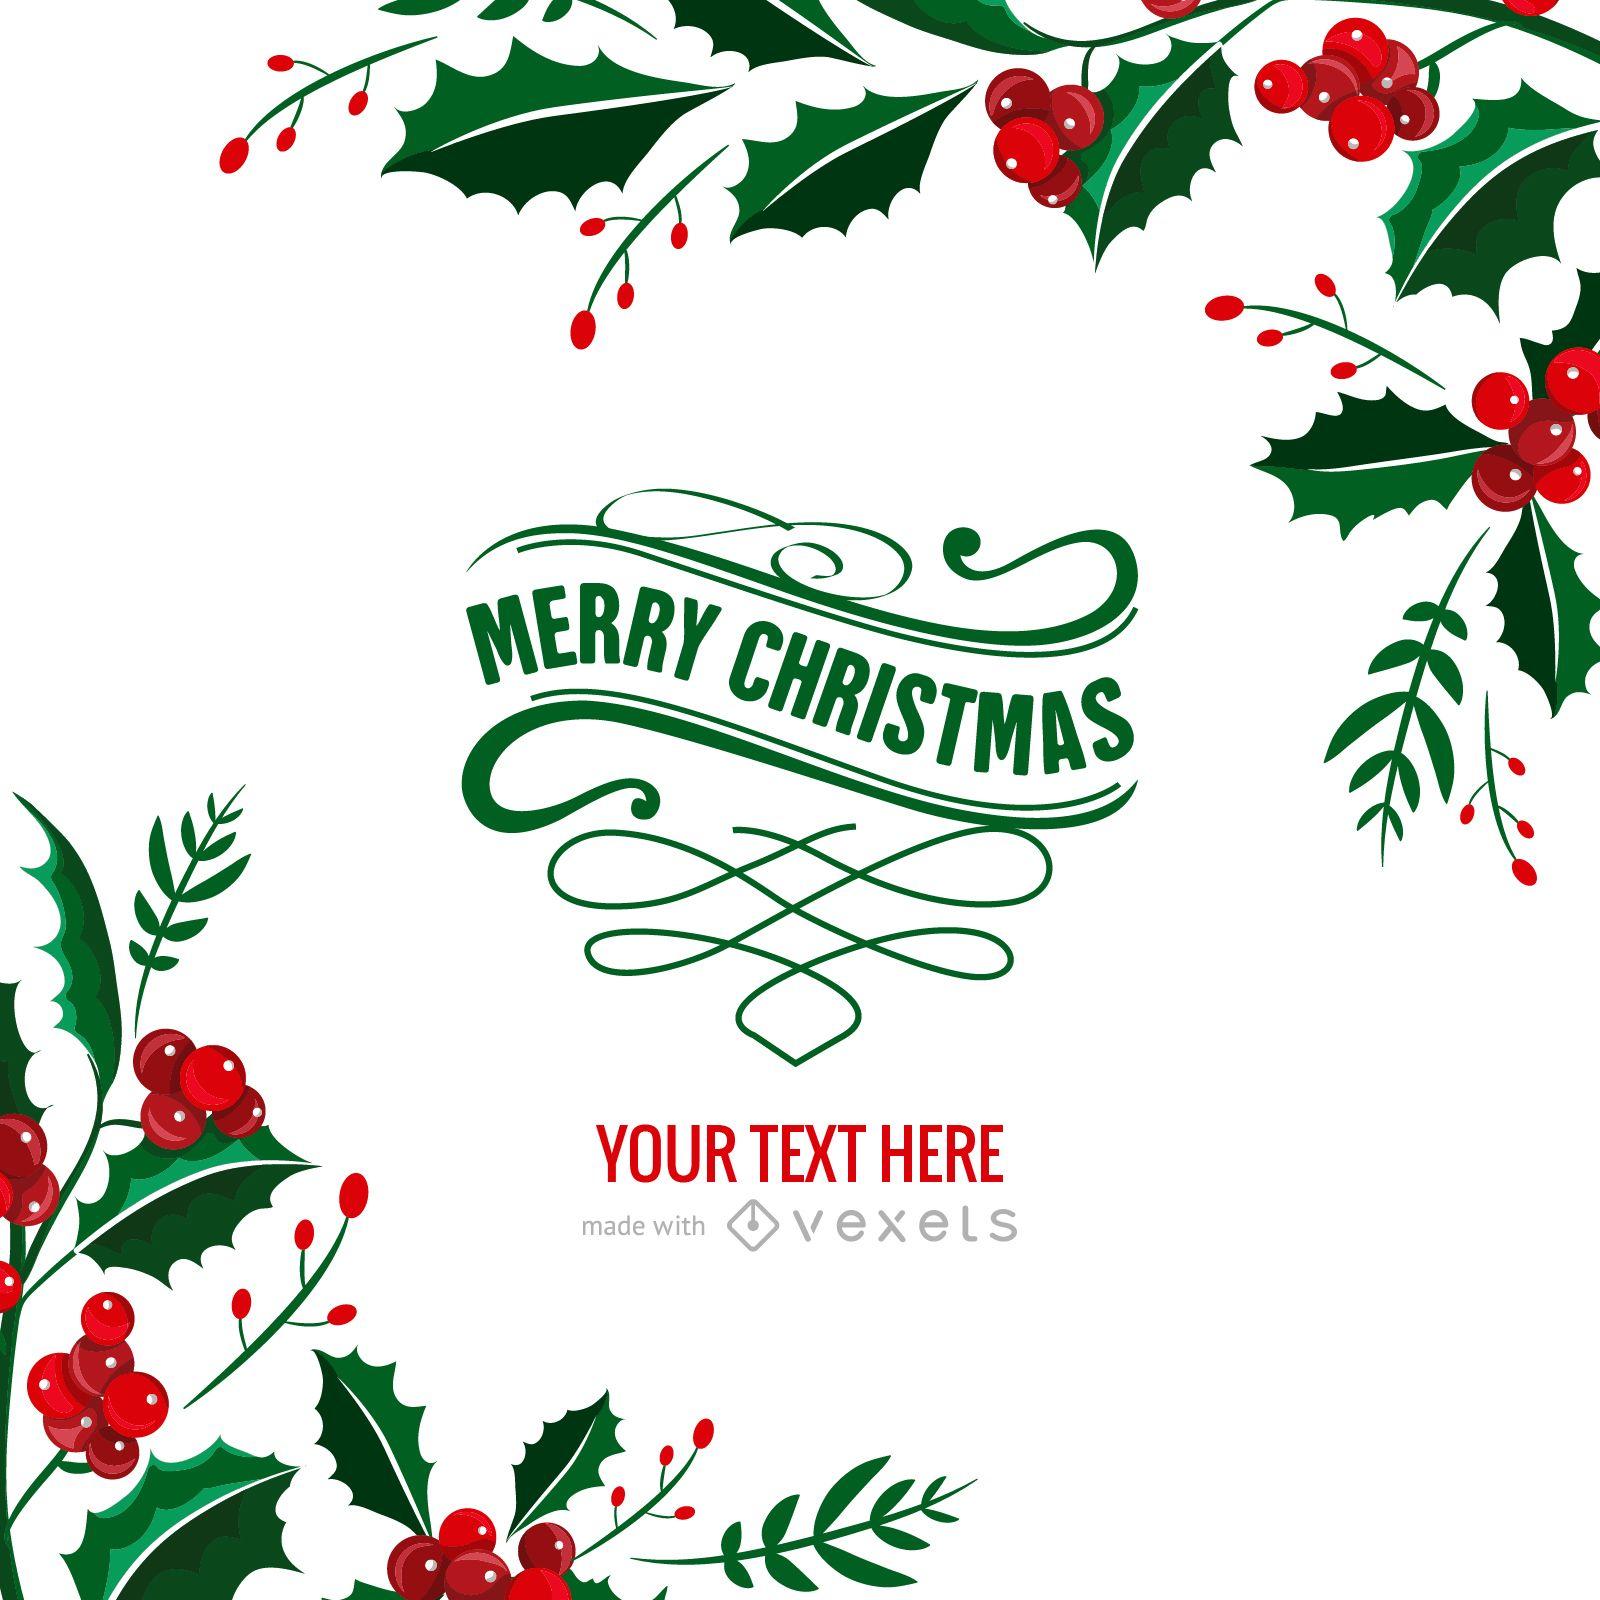 Mistletoe Christmas card maker